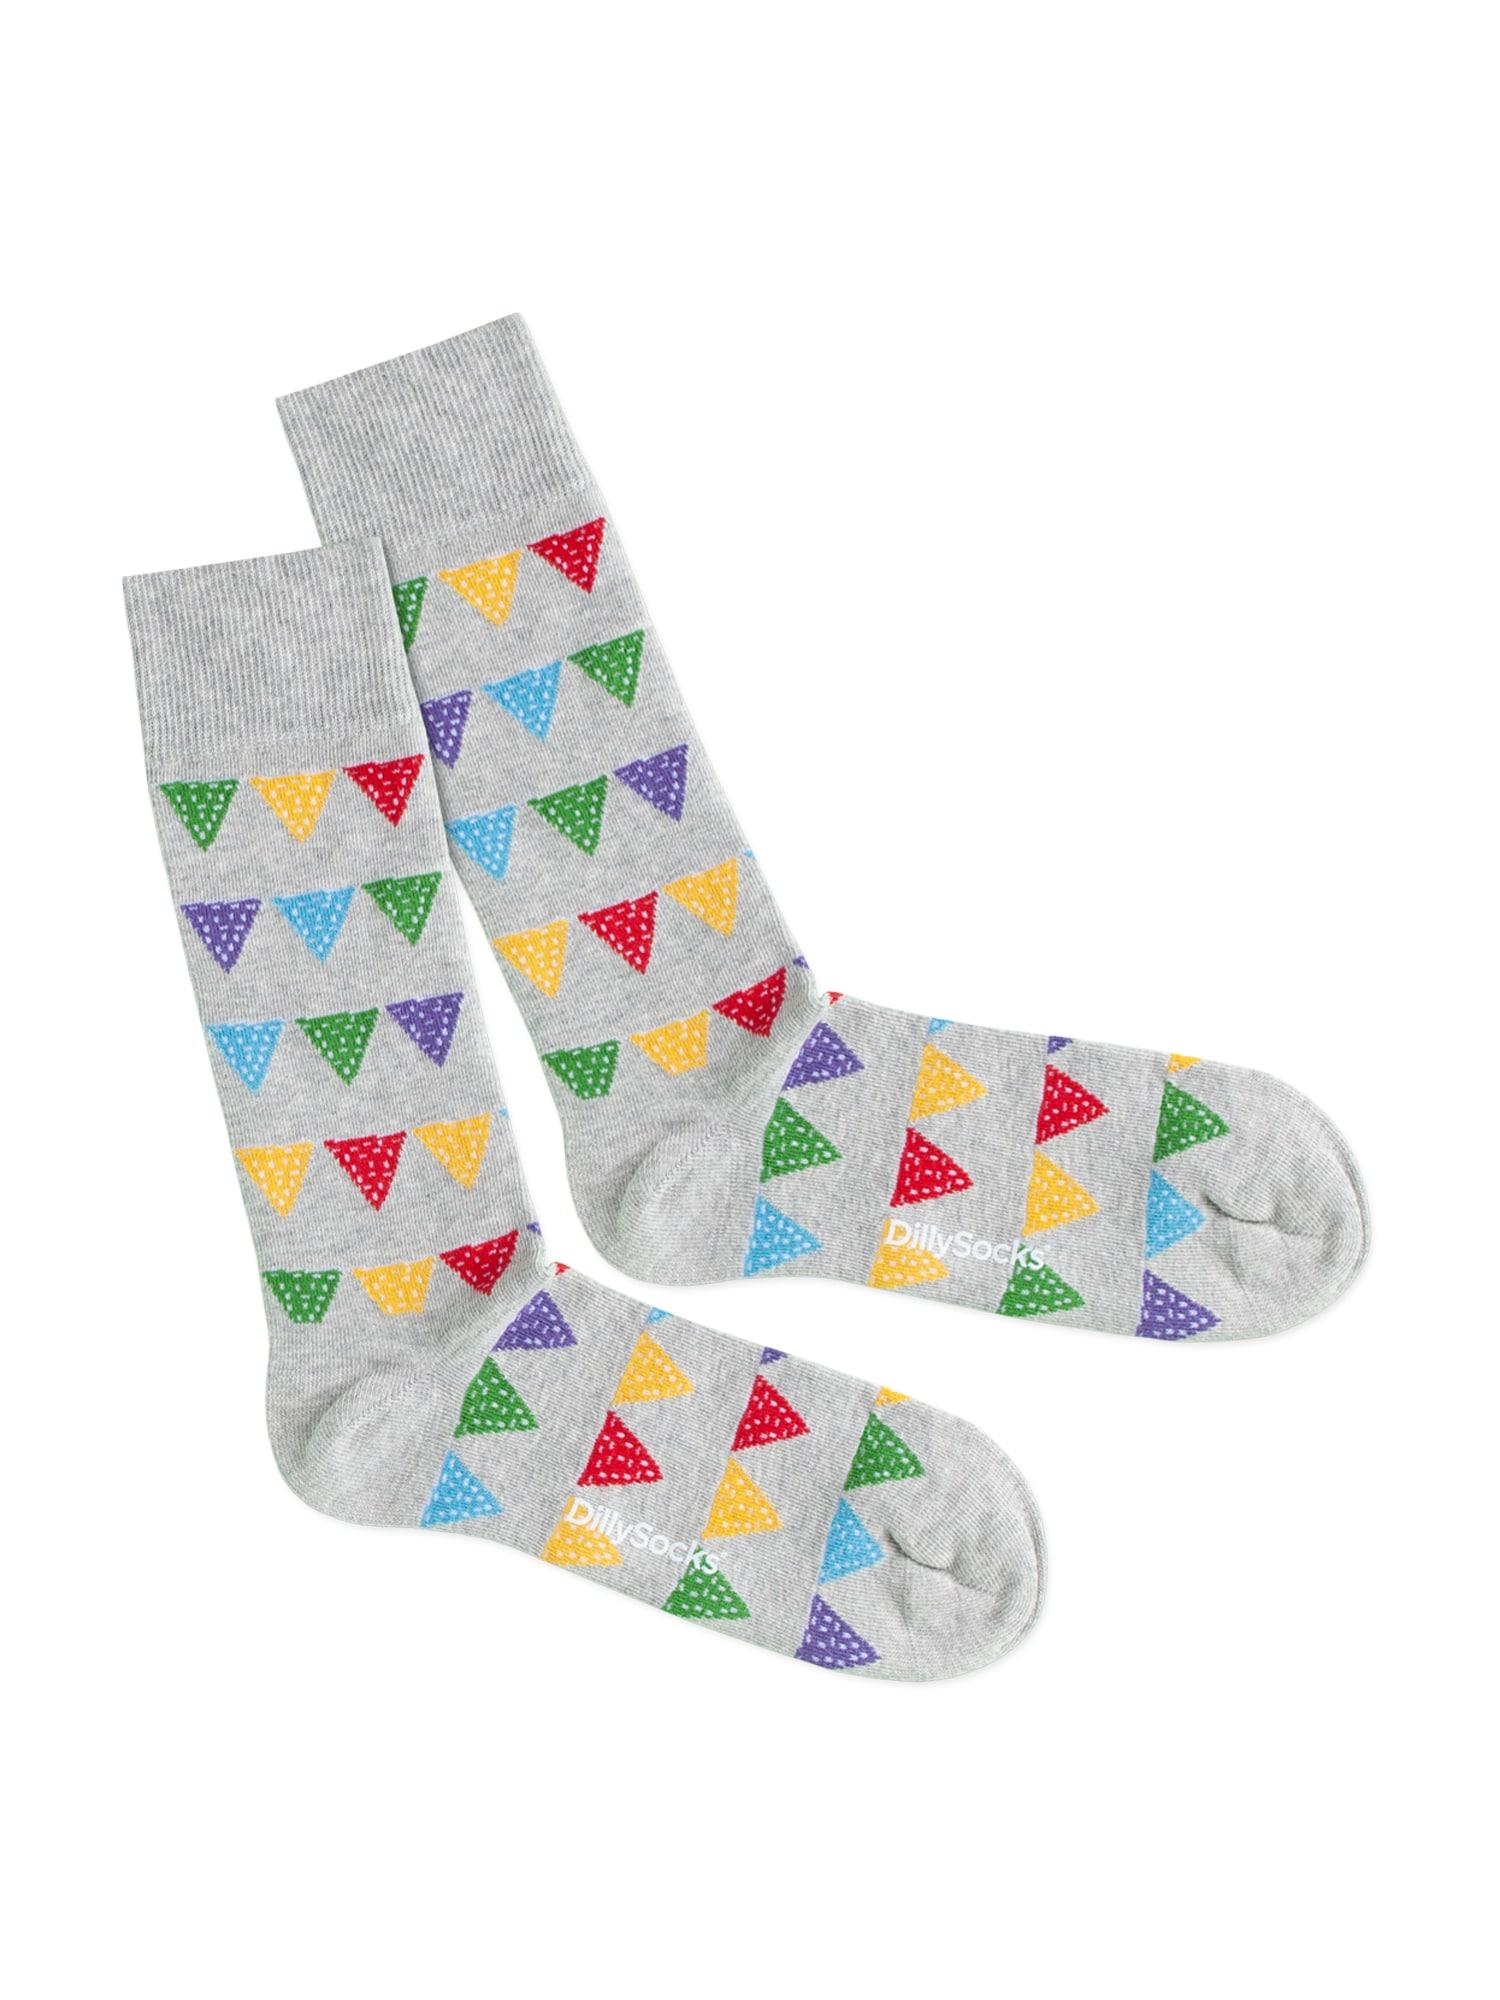 DillySocks Kojinės 'Party Flags' mišrios spalvos